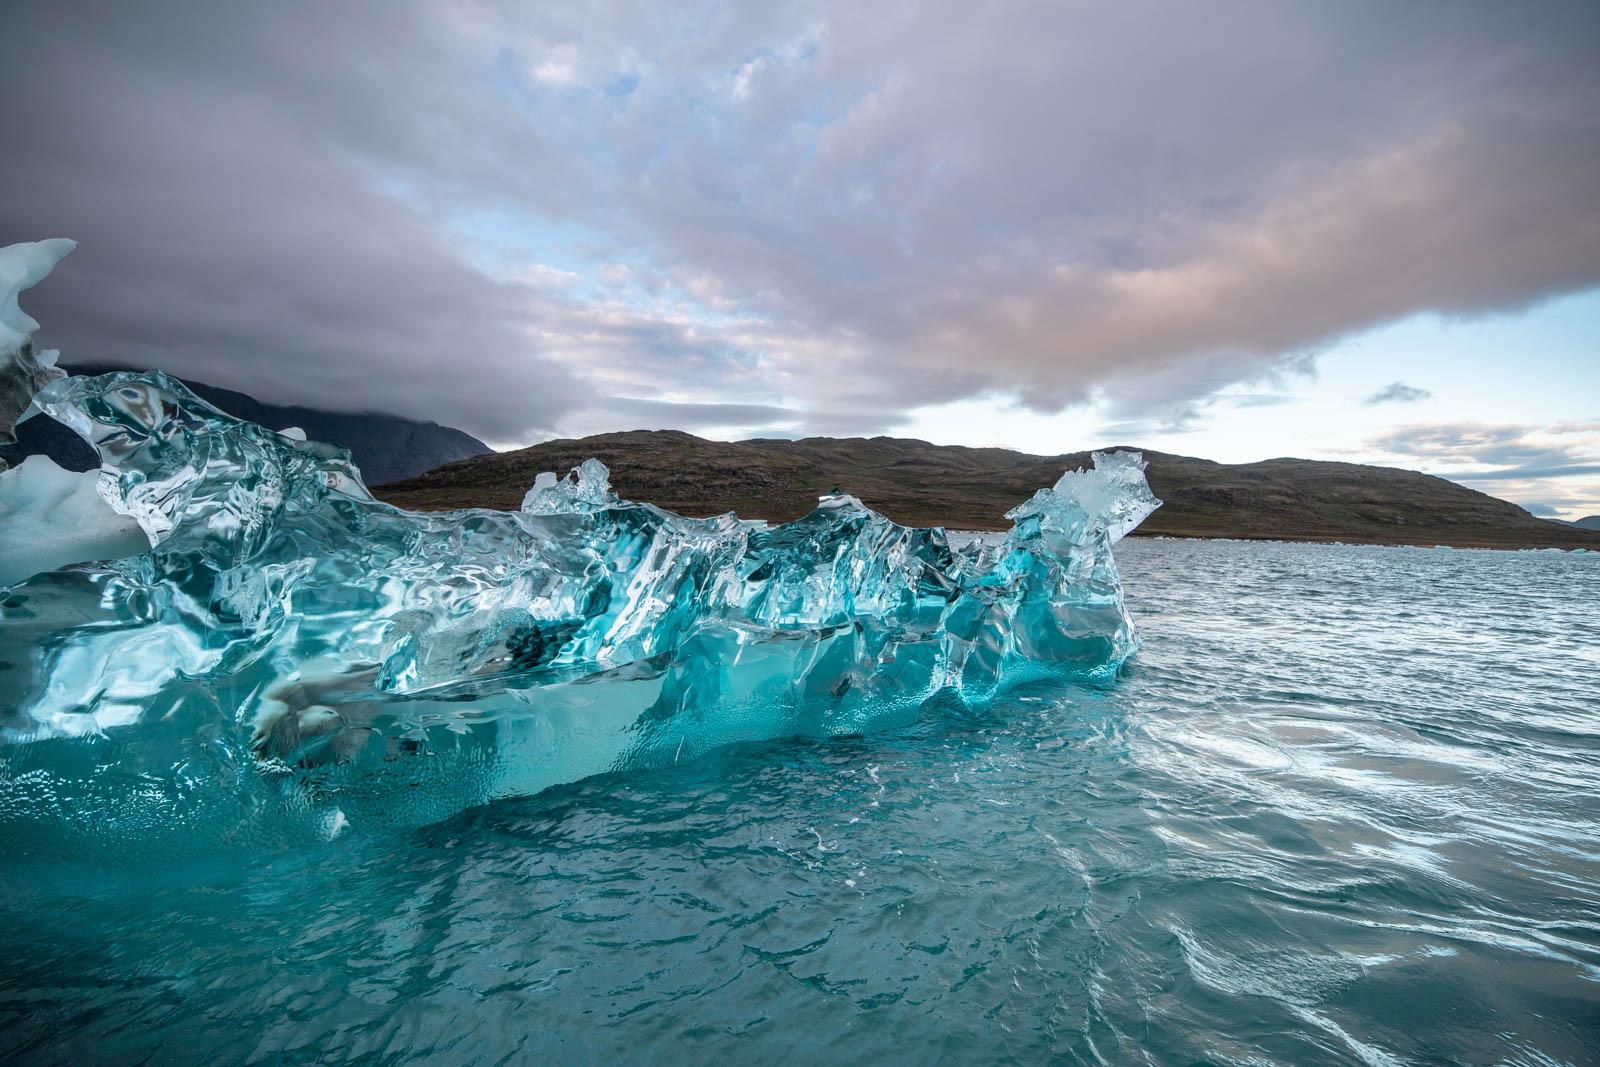 Eisberge in Narsaq, Grönland